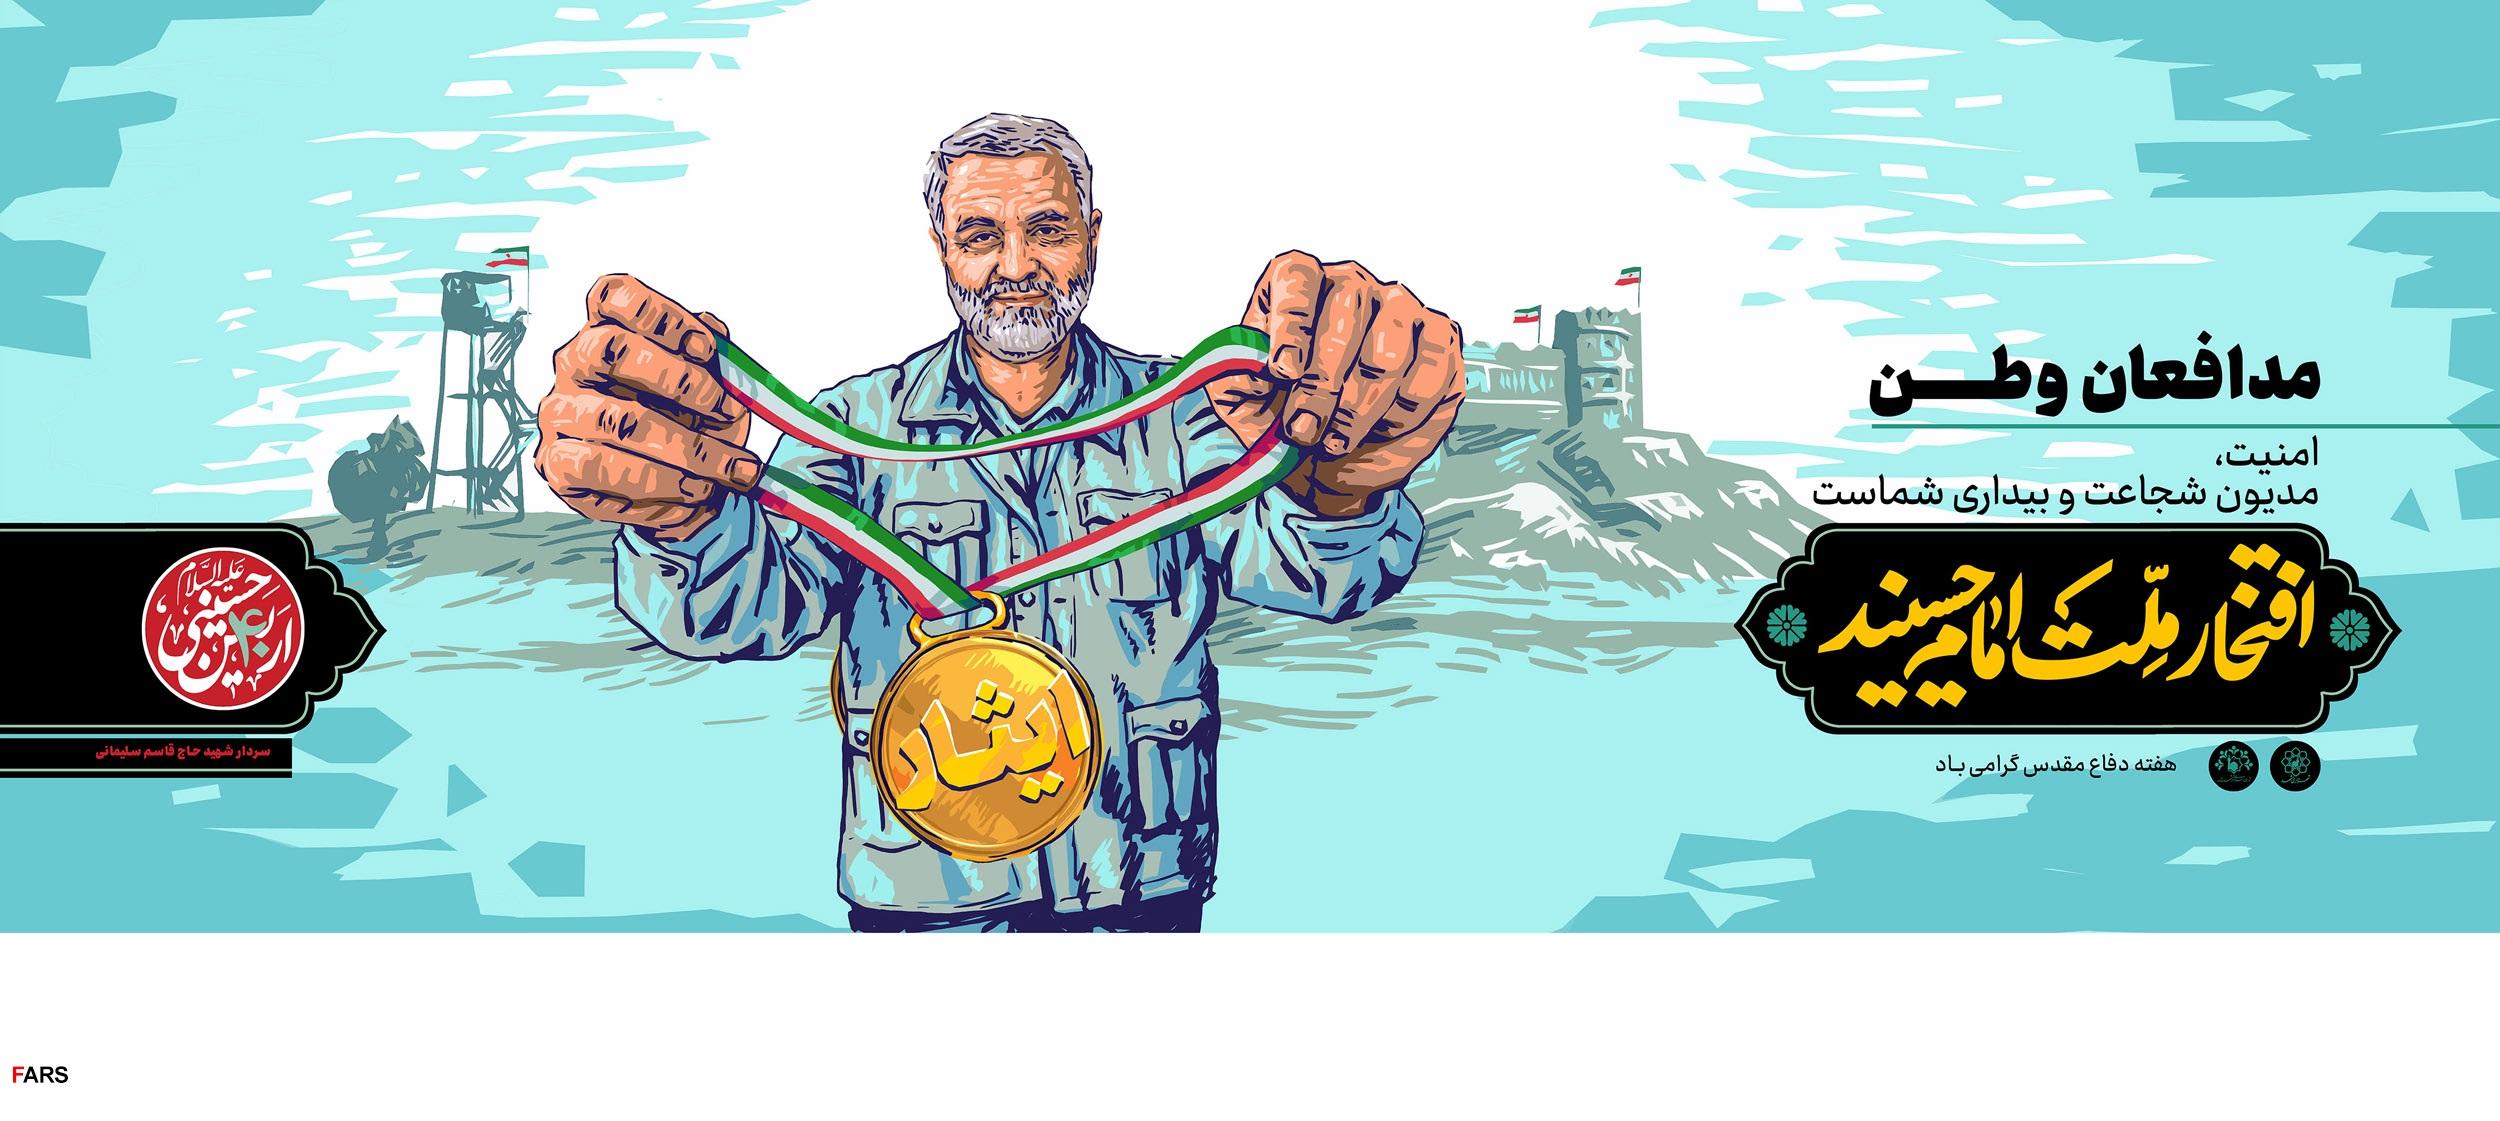 طرح / مدال ایثار برای قهرمانان گمنام